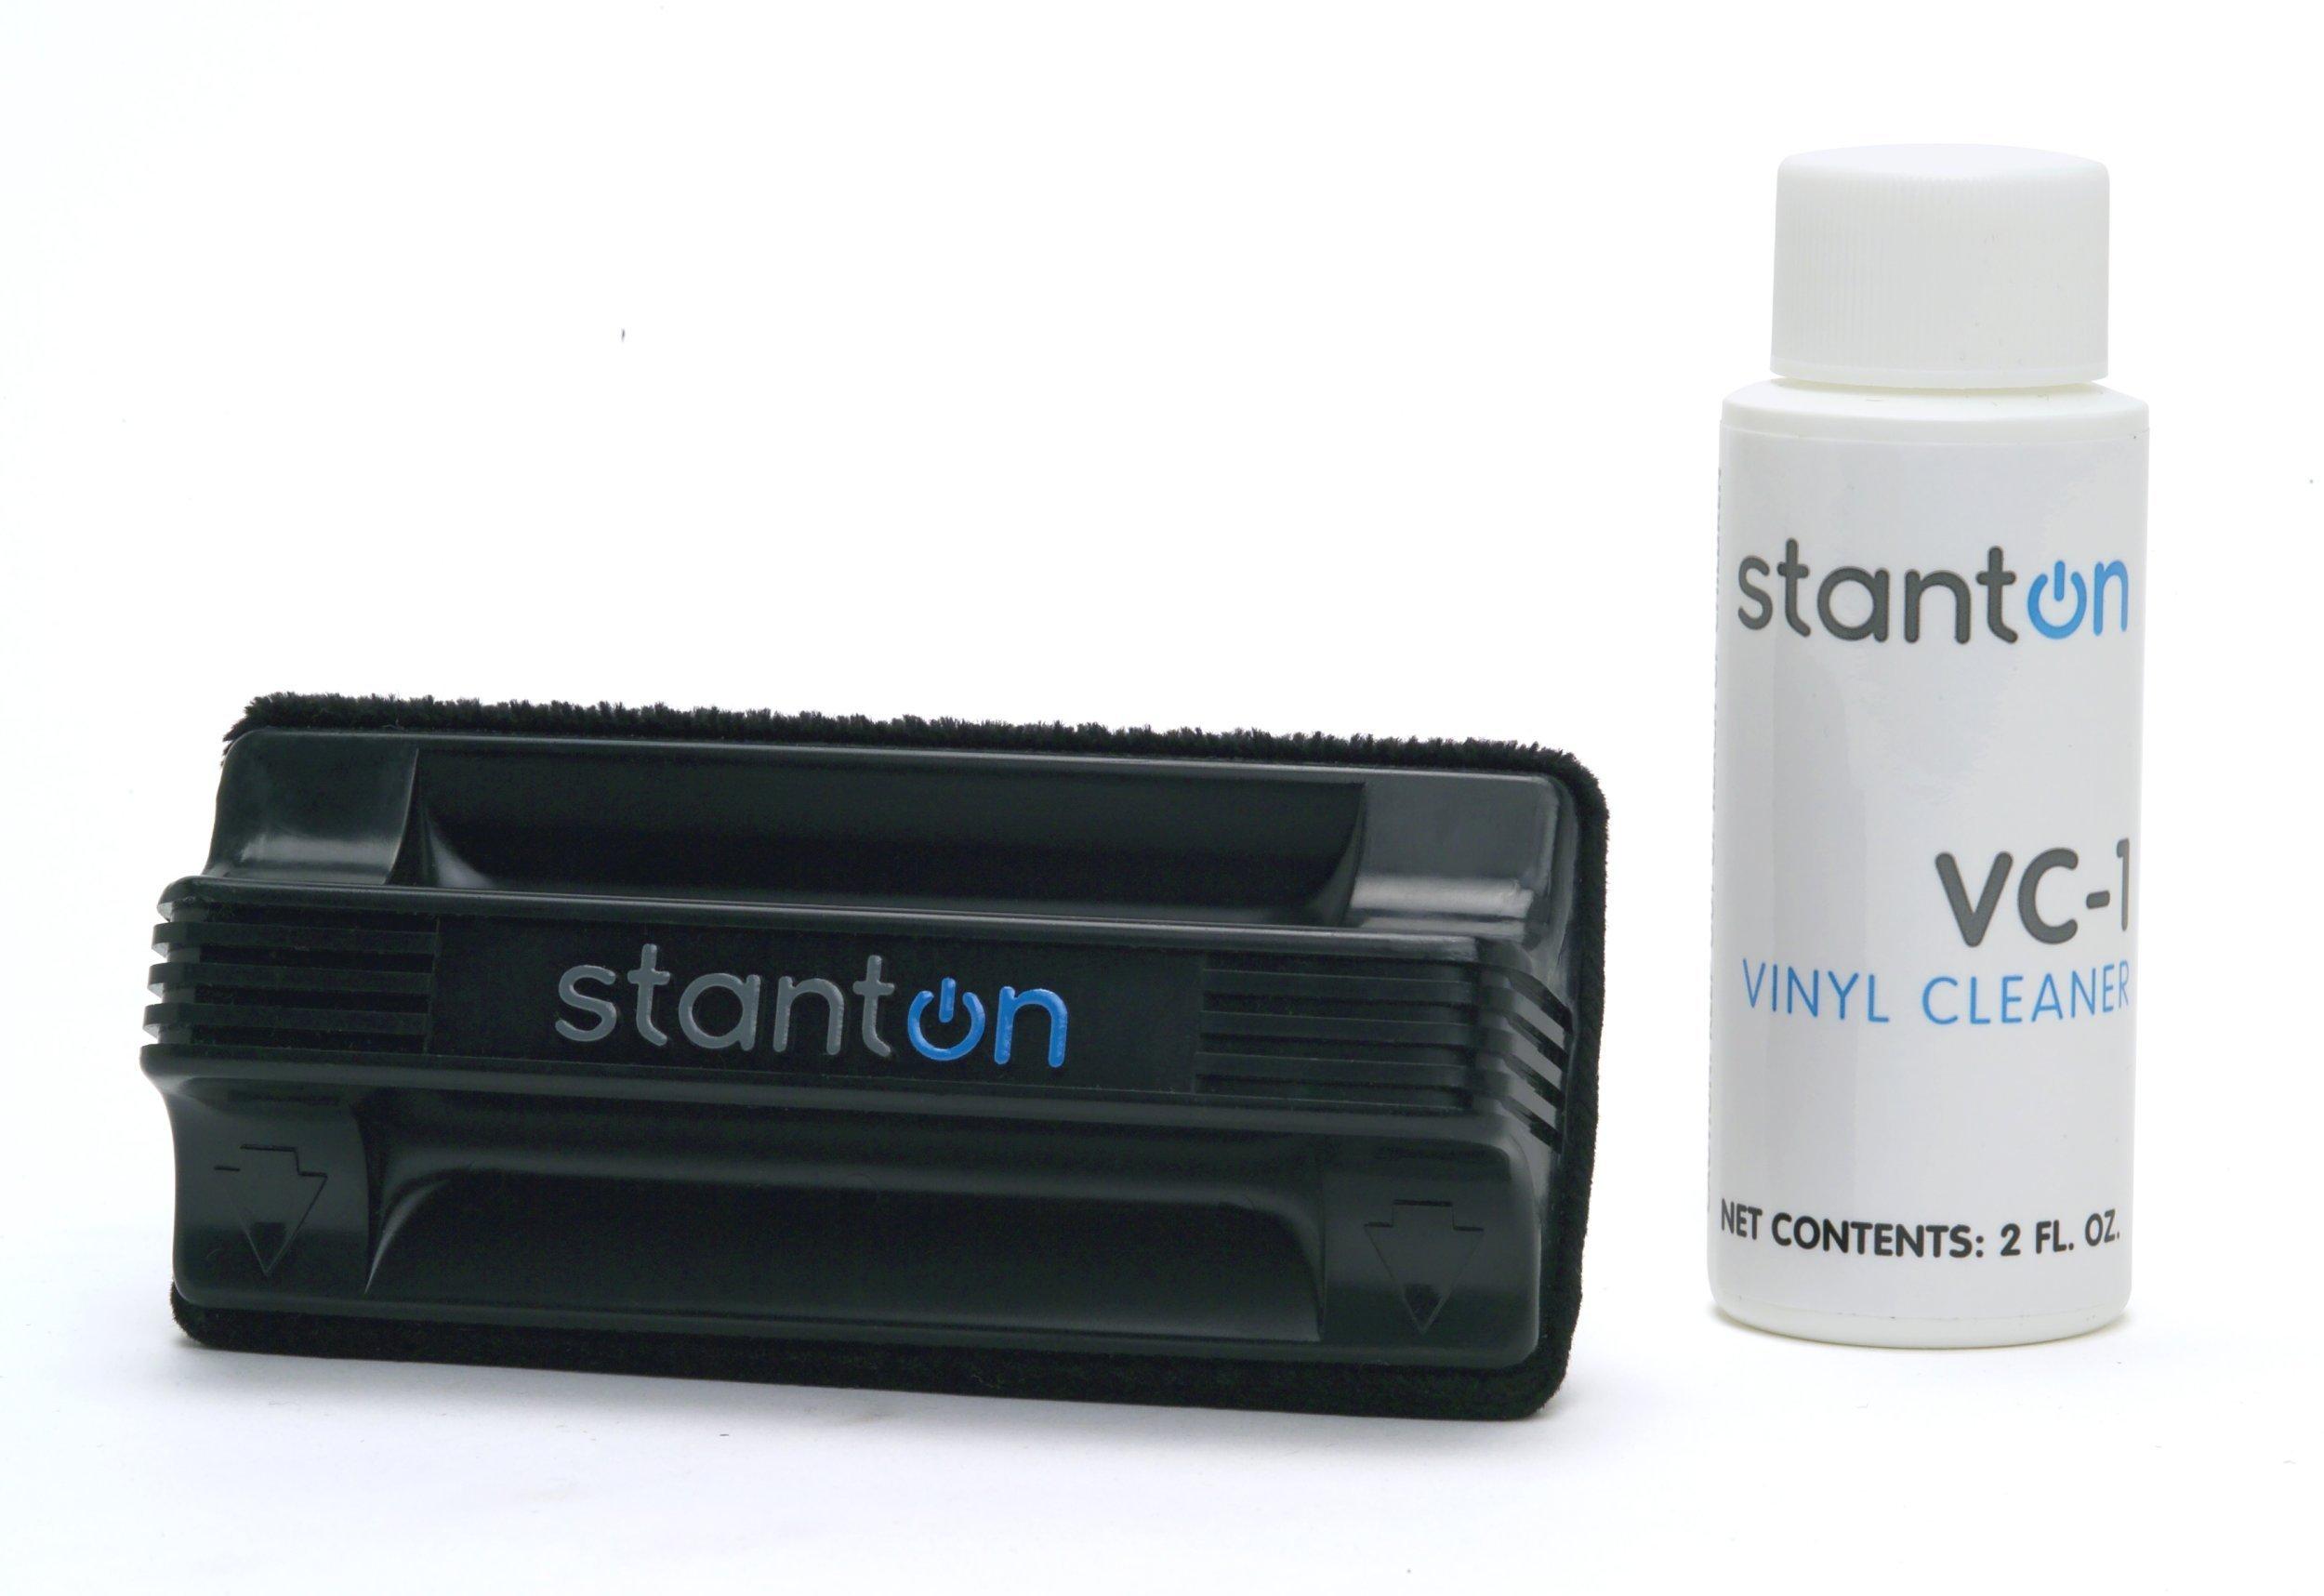 Stanton VC1 Vinyl Cleaner Kit with Brush